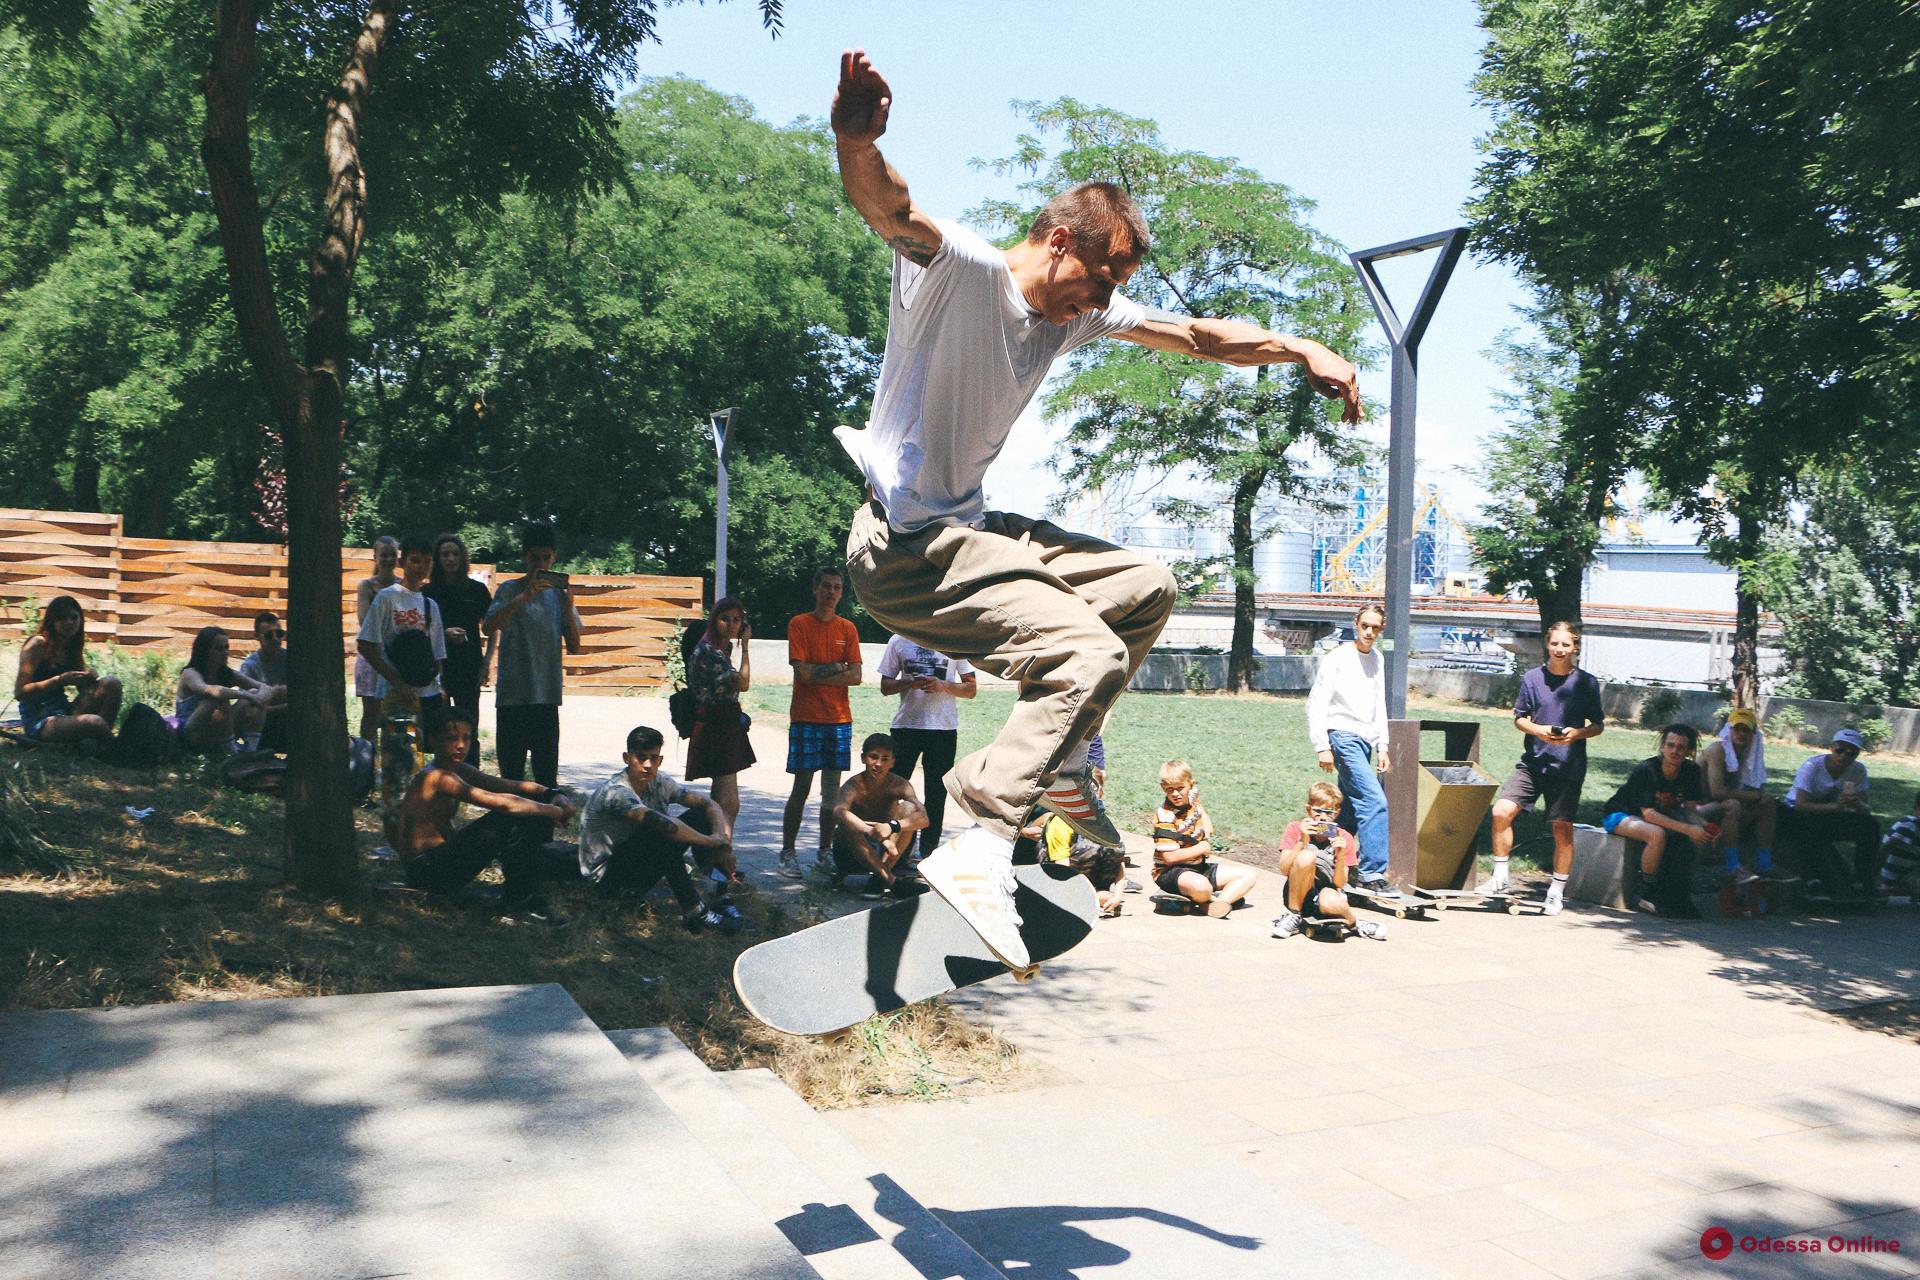 Скейтеры со всей Украины показали свои лучшие трюки в Одессе (фоторепортаж)